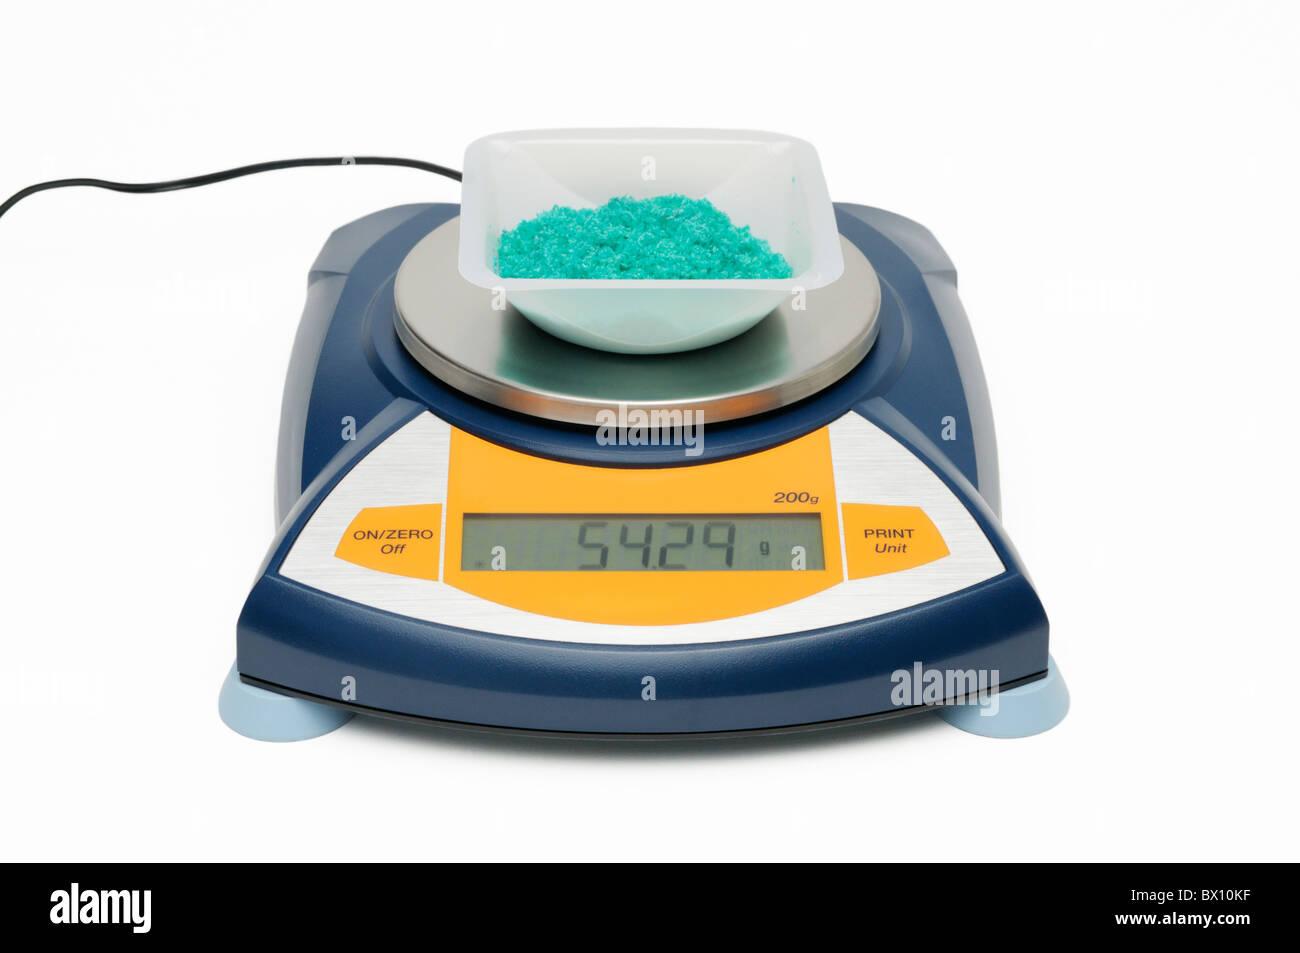 Medir la masa de una sustancia química (cloruro cúprico dihidratado cristales) con una balanza electrónica Imagen De Stock